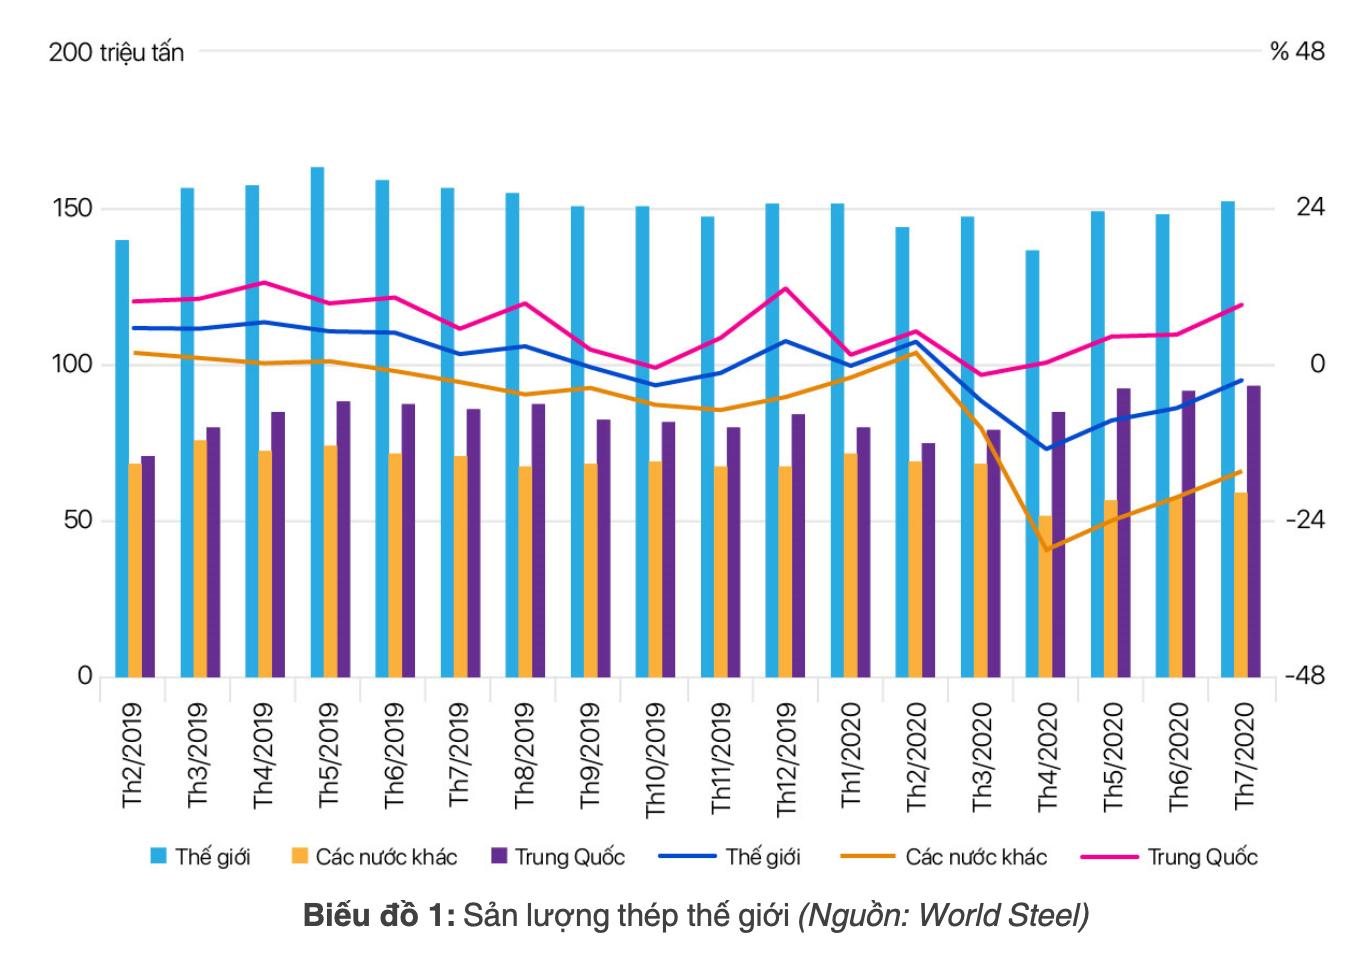 [Báo cáo] Thị trường thép tháng 8/2020: Trung Quốc đang phục hồi với tốc độ cao - Ảnh 1.